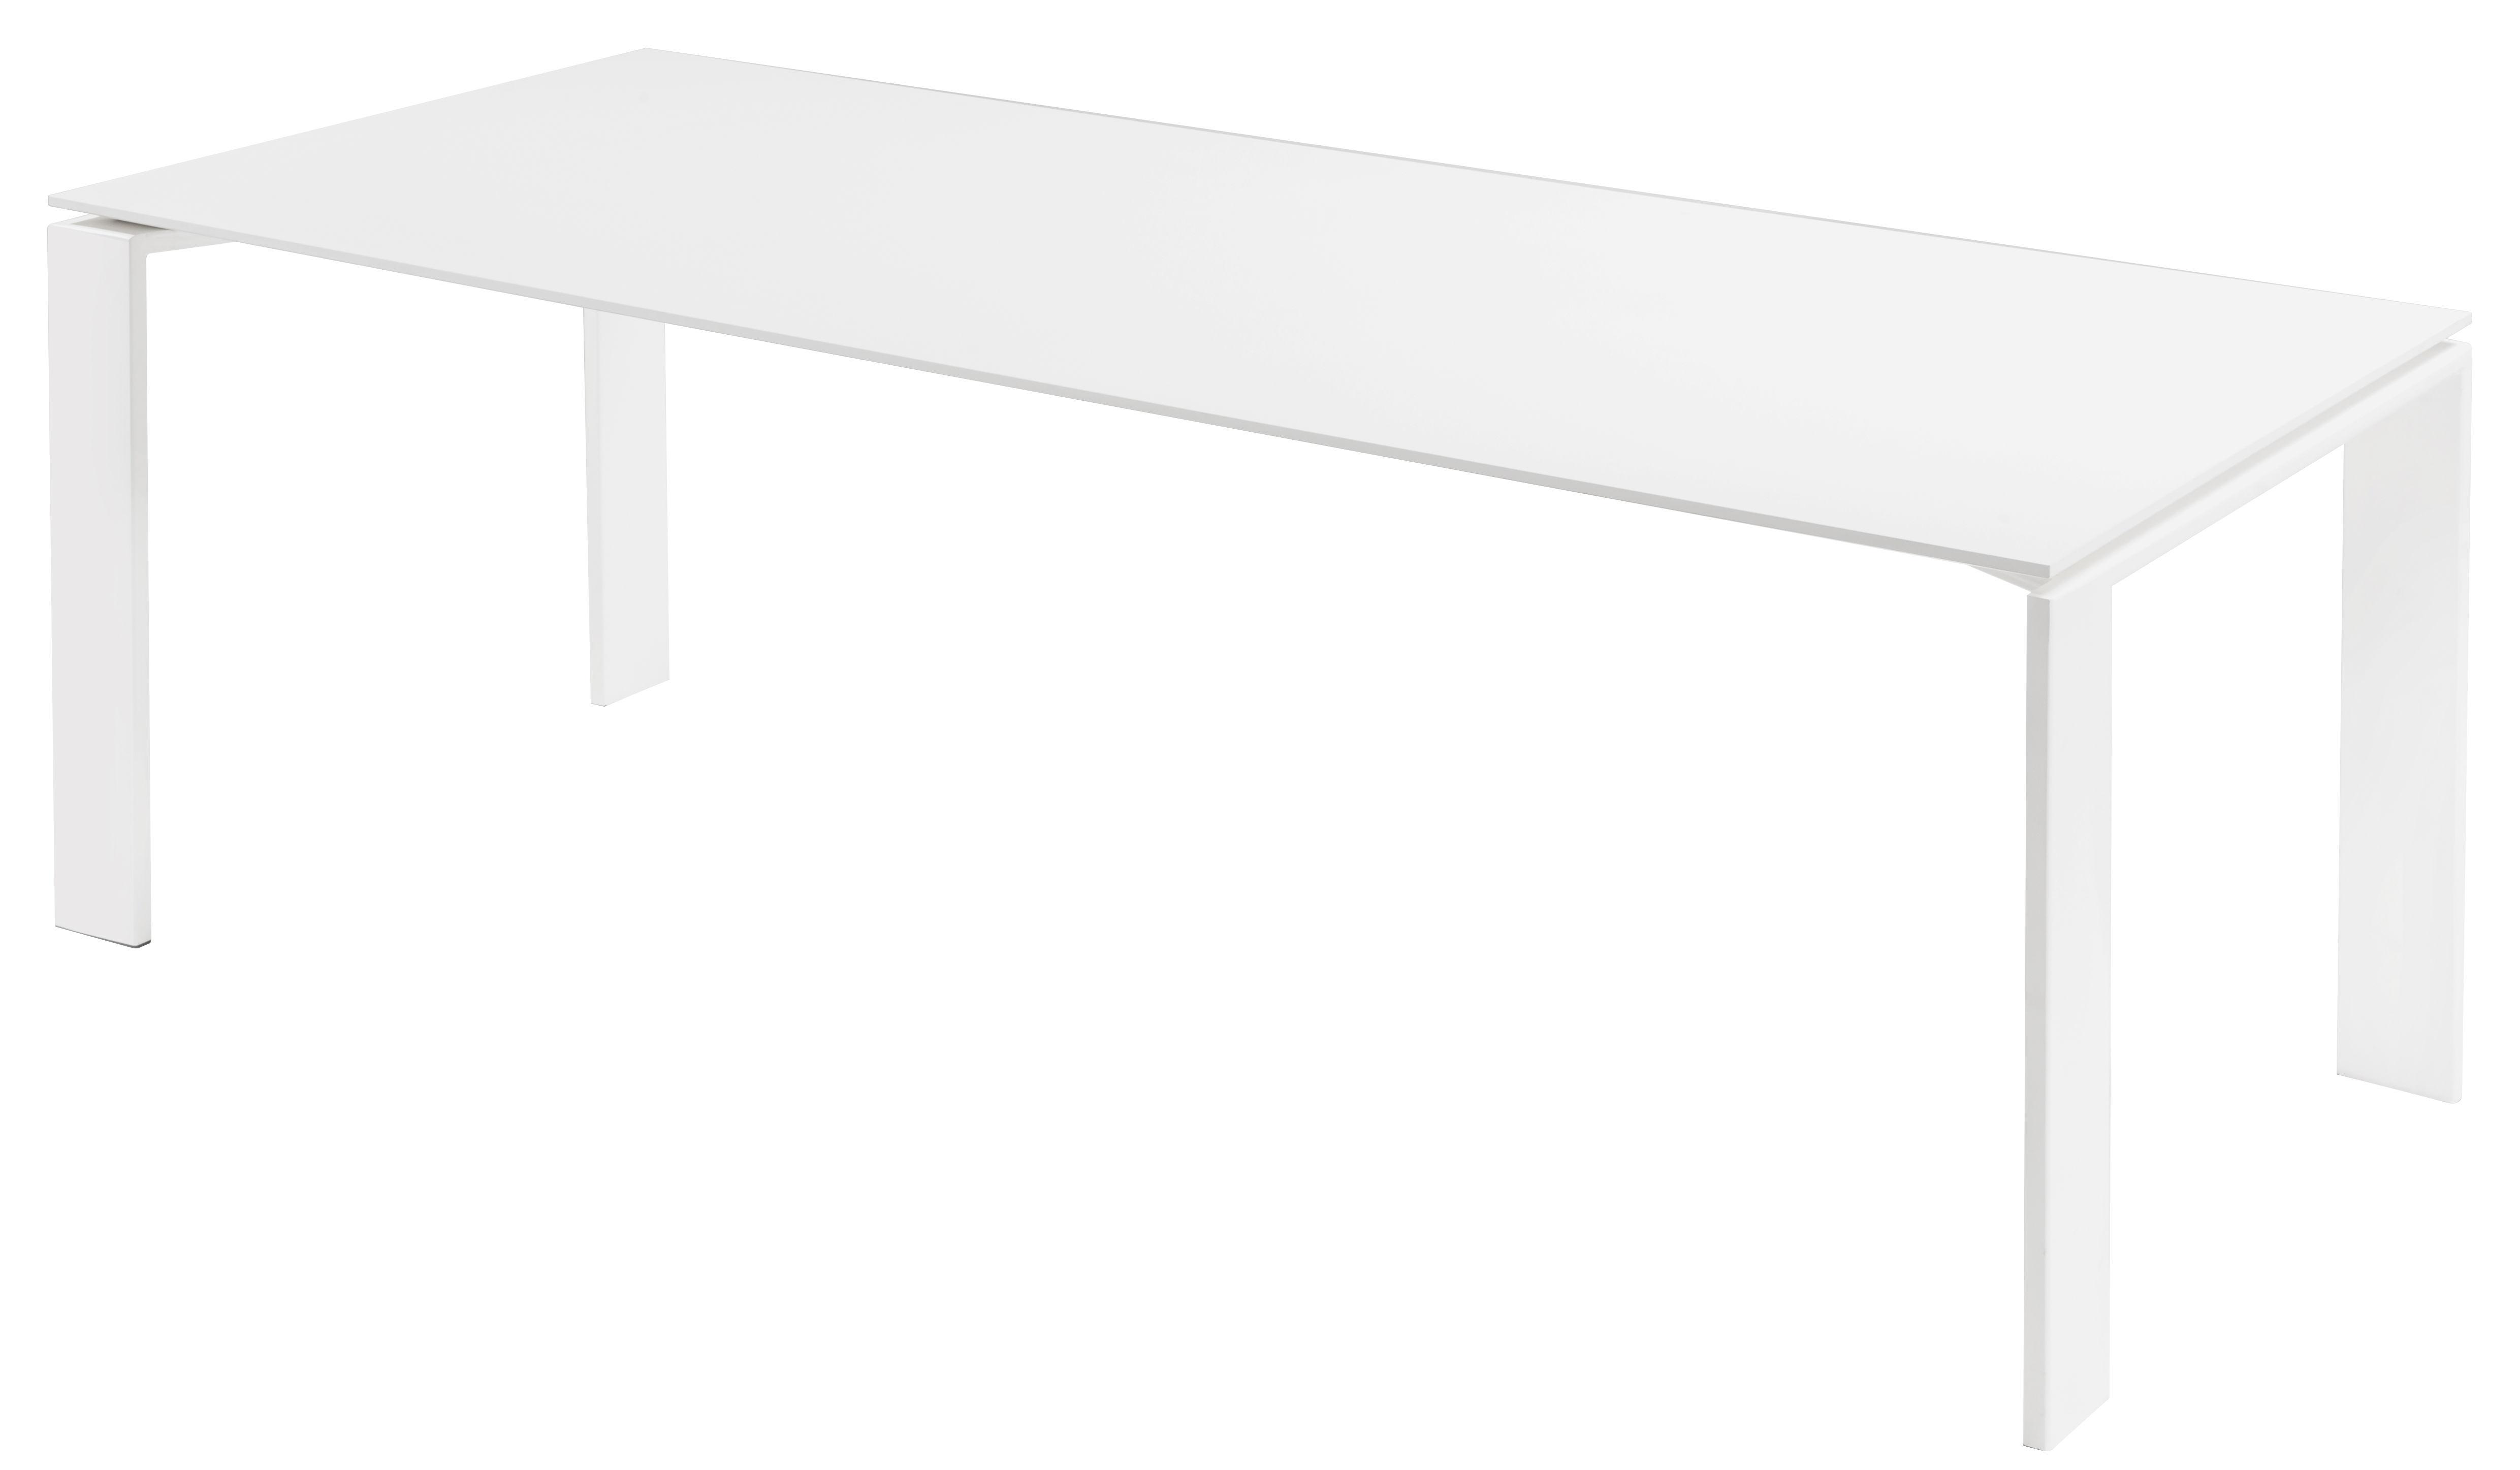 Outdoor - Tables de jardin - Table rectangulaire Four Outdoor / 190 x 79 cm - Kartell - L 190 cm / Blanc - Acier verni